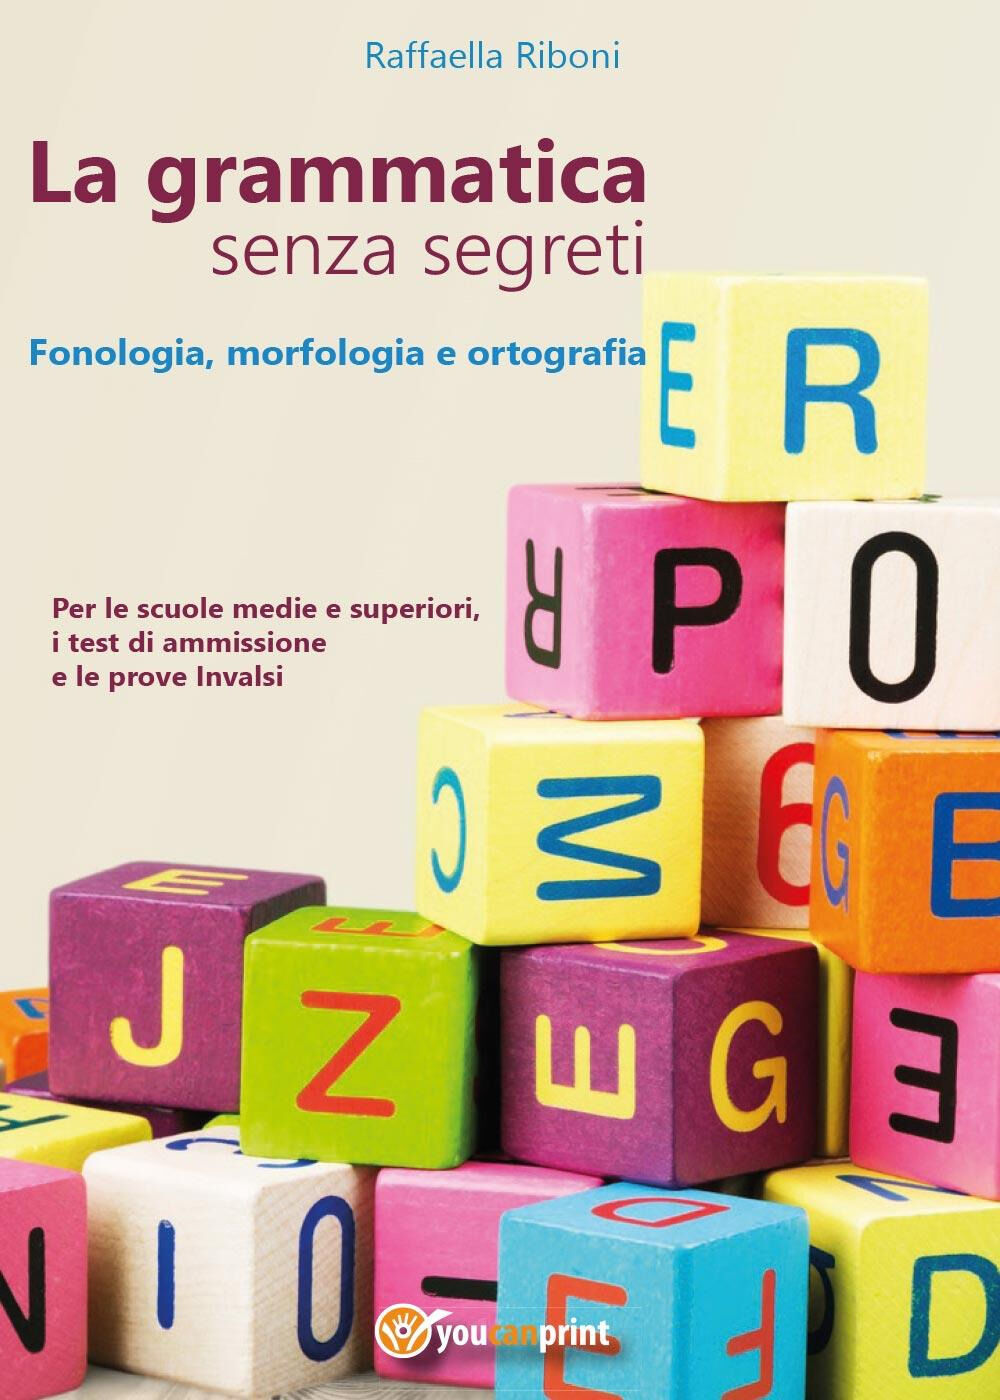 La grammatica senza segreti. Fonologia, morfologia e ortografia